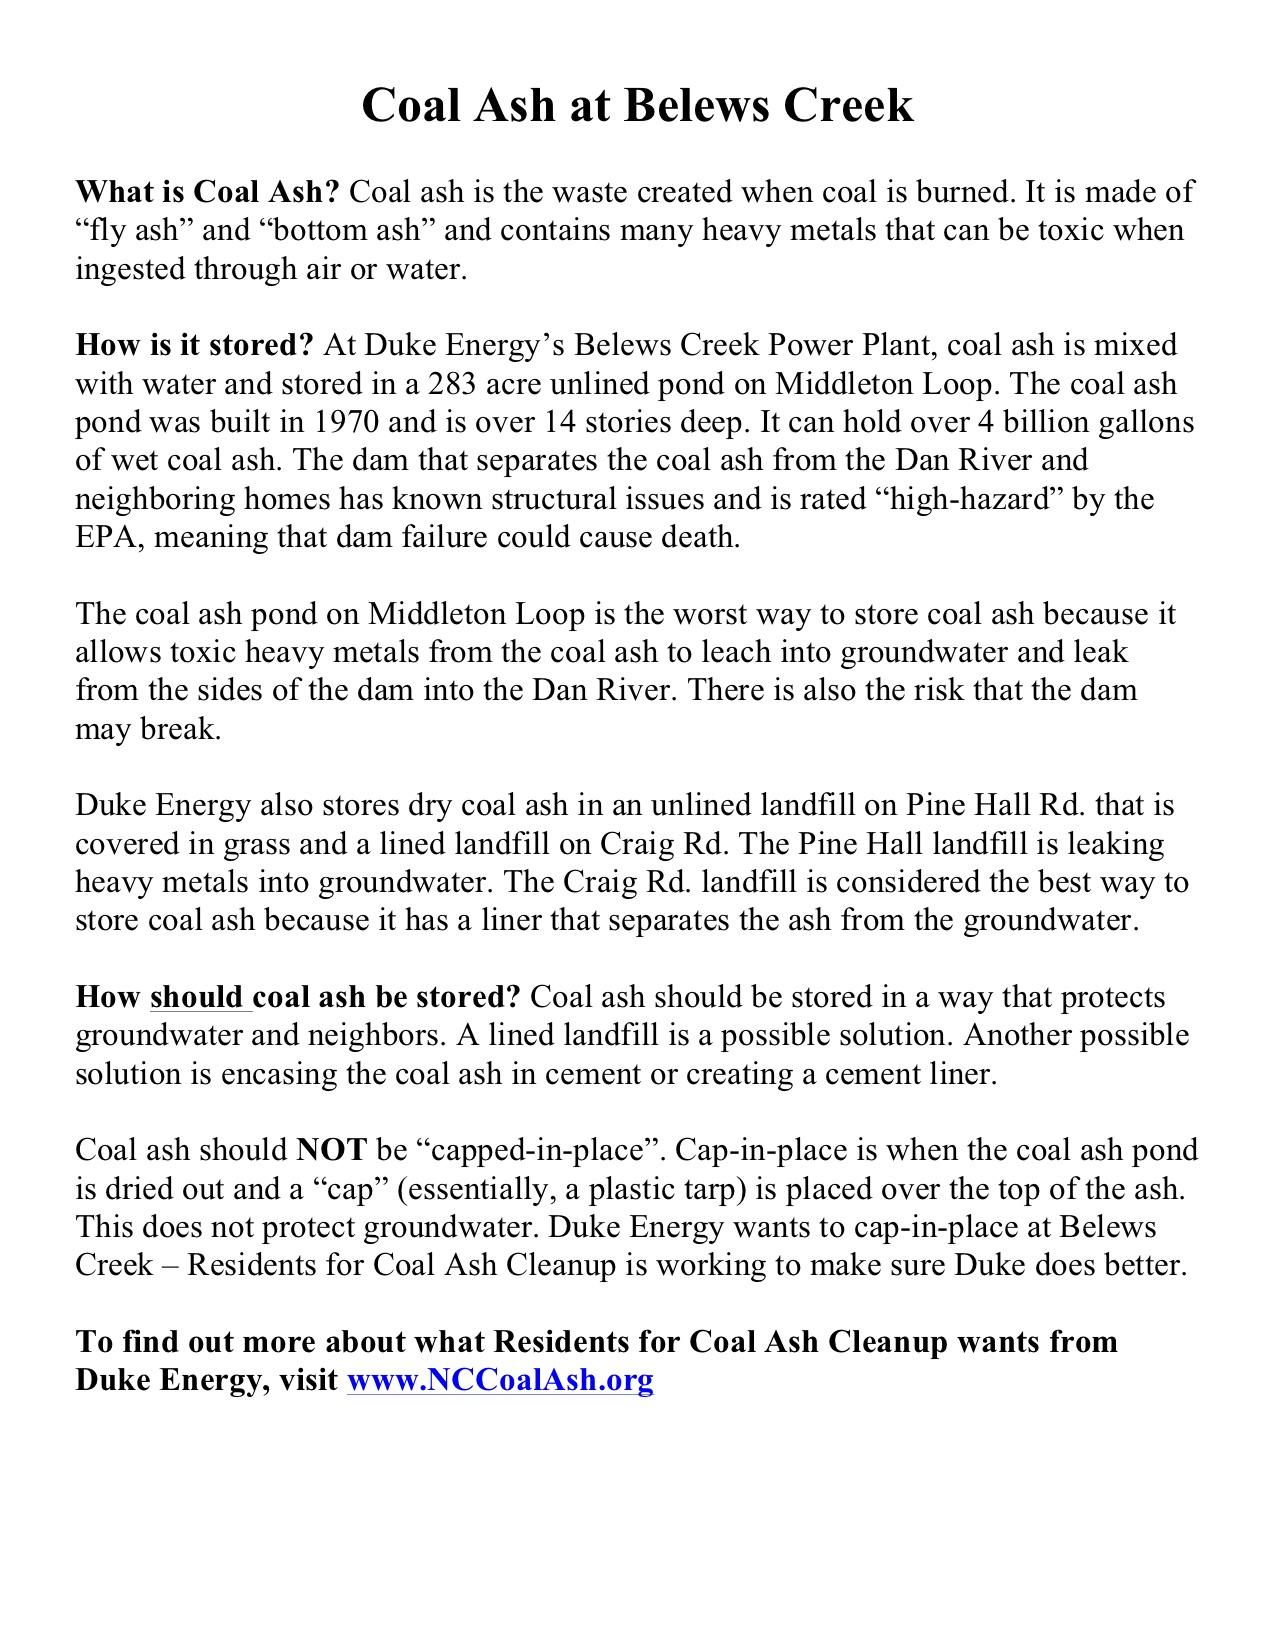 Coal Ash at Belews Creek Fact Sheet copy.jpg